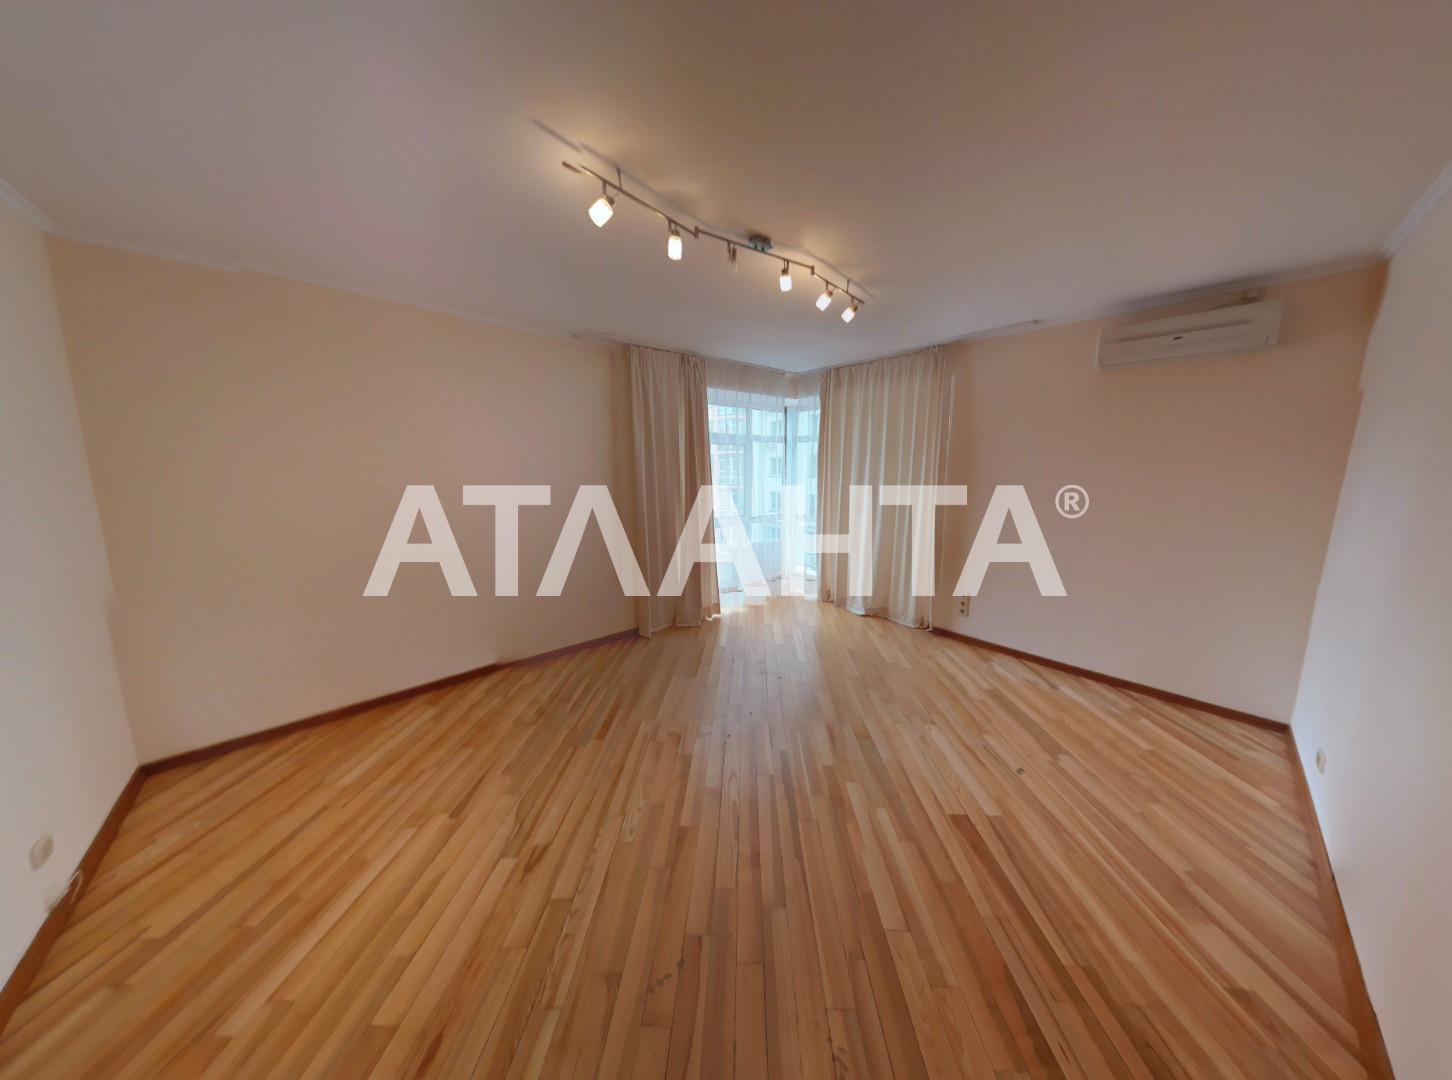 Продается 3-комнатная Квартира на ул. Конева — 118 000 у.е. (фото №6)